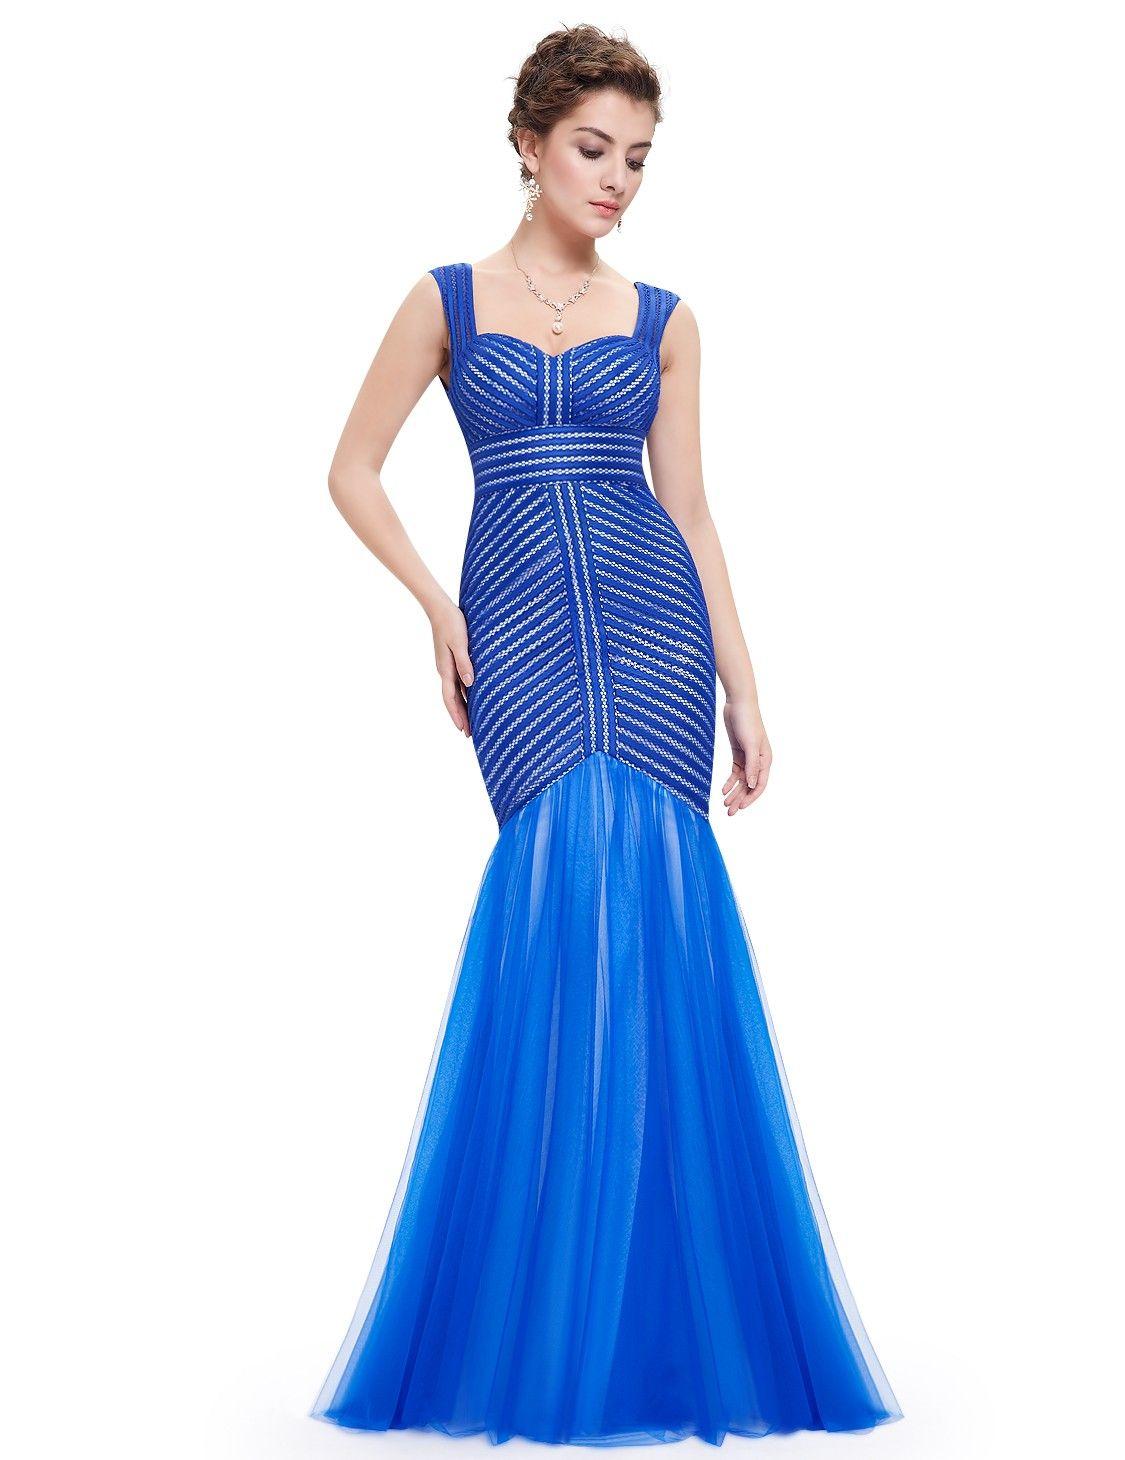 Meerjungfrau Luxus Abendkleid in Blau | Abendkleider 2018 - günstig ...